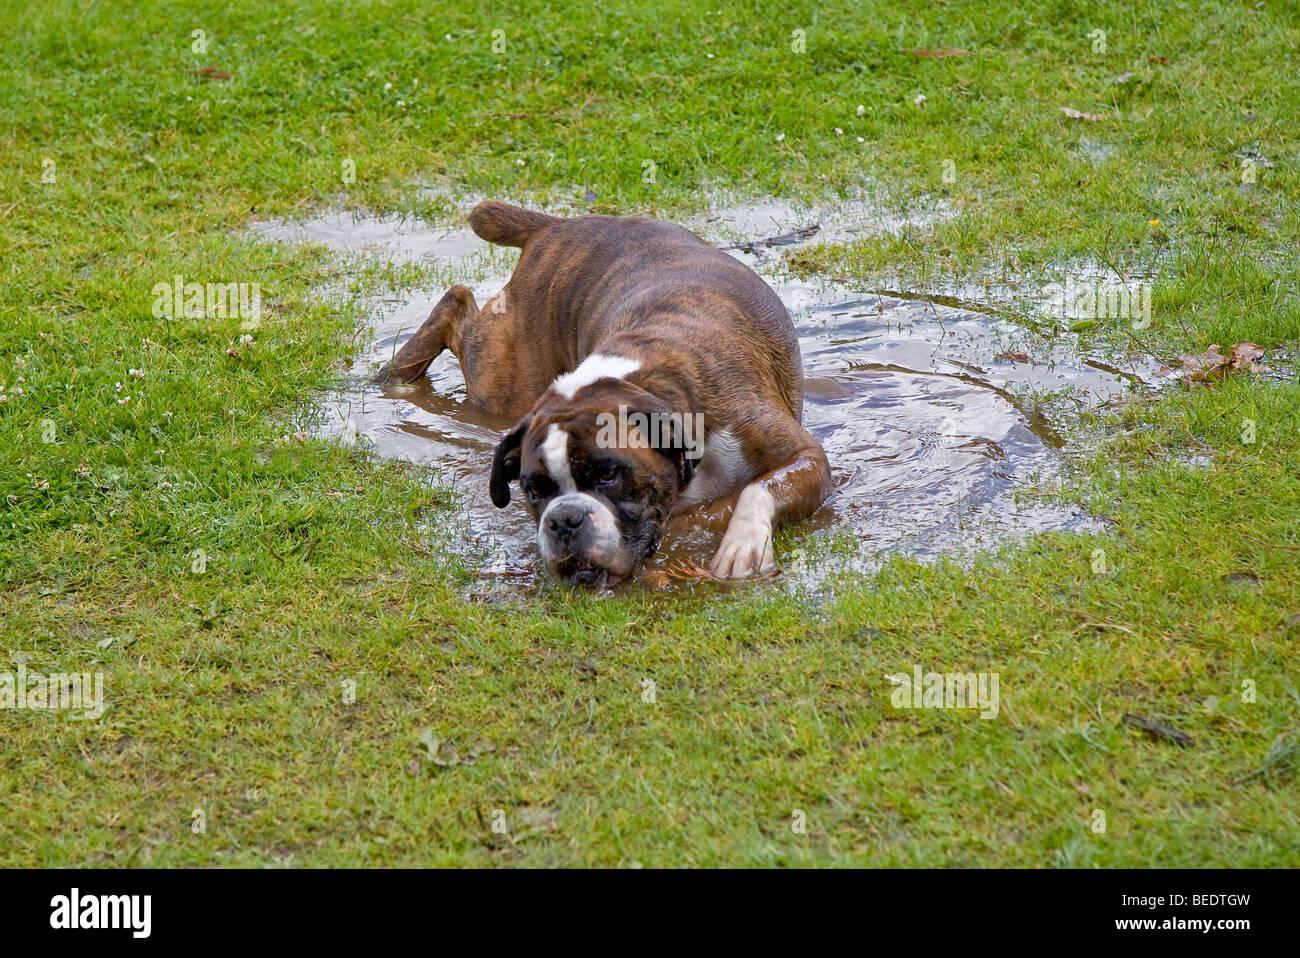 Cane boxer a laminazione pozza d'acqua in erba. Regno Unito Foto Stock